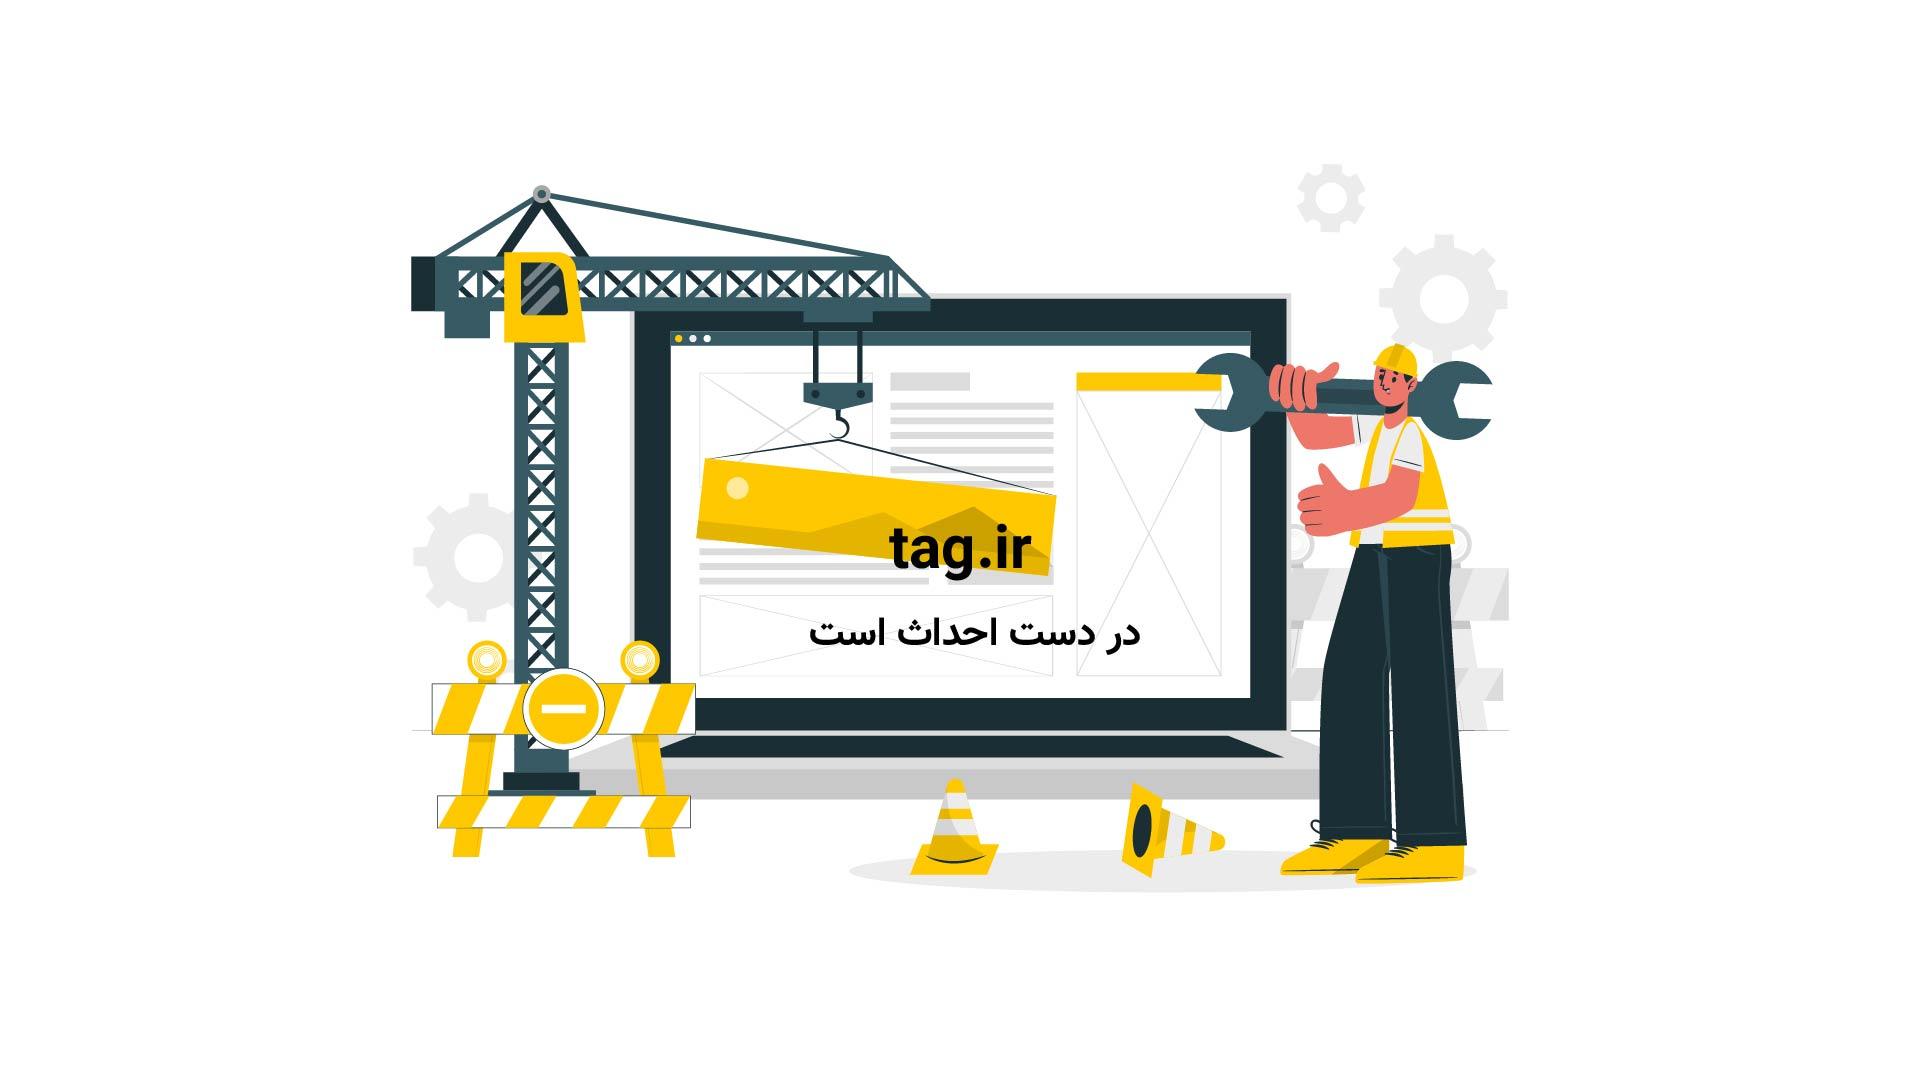 تفاوت دید در چشم انسان و حیوانات